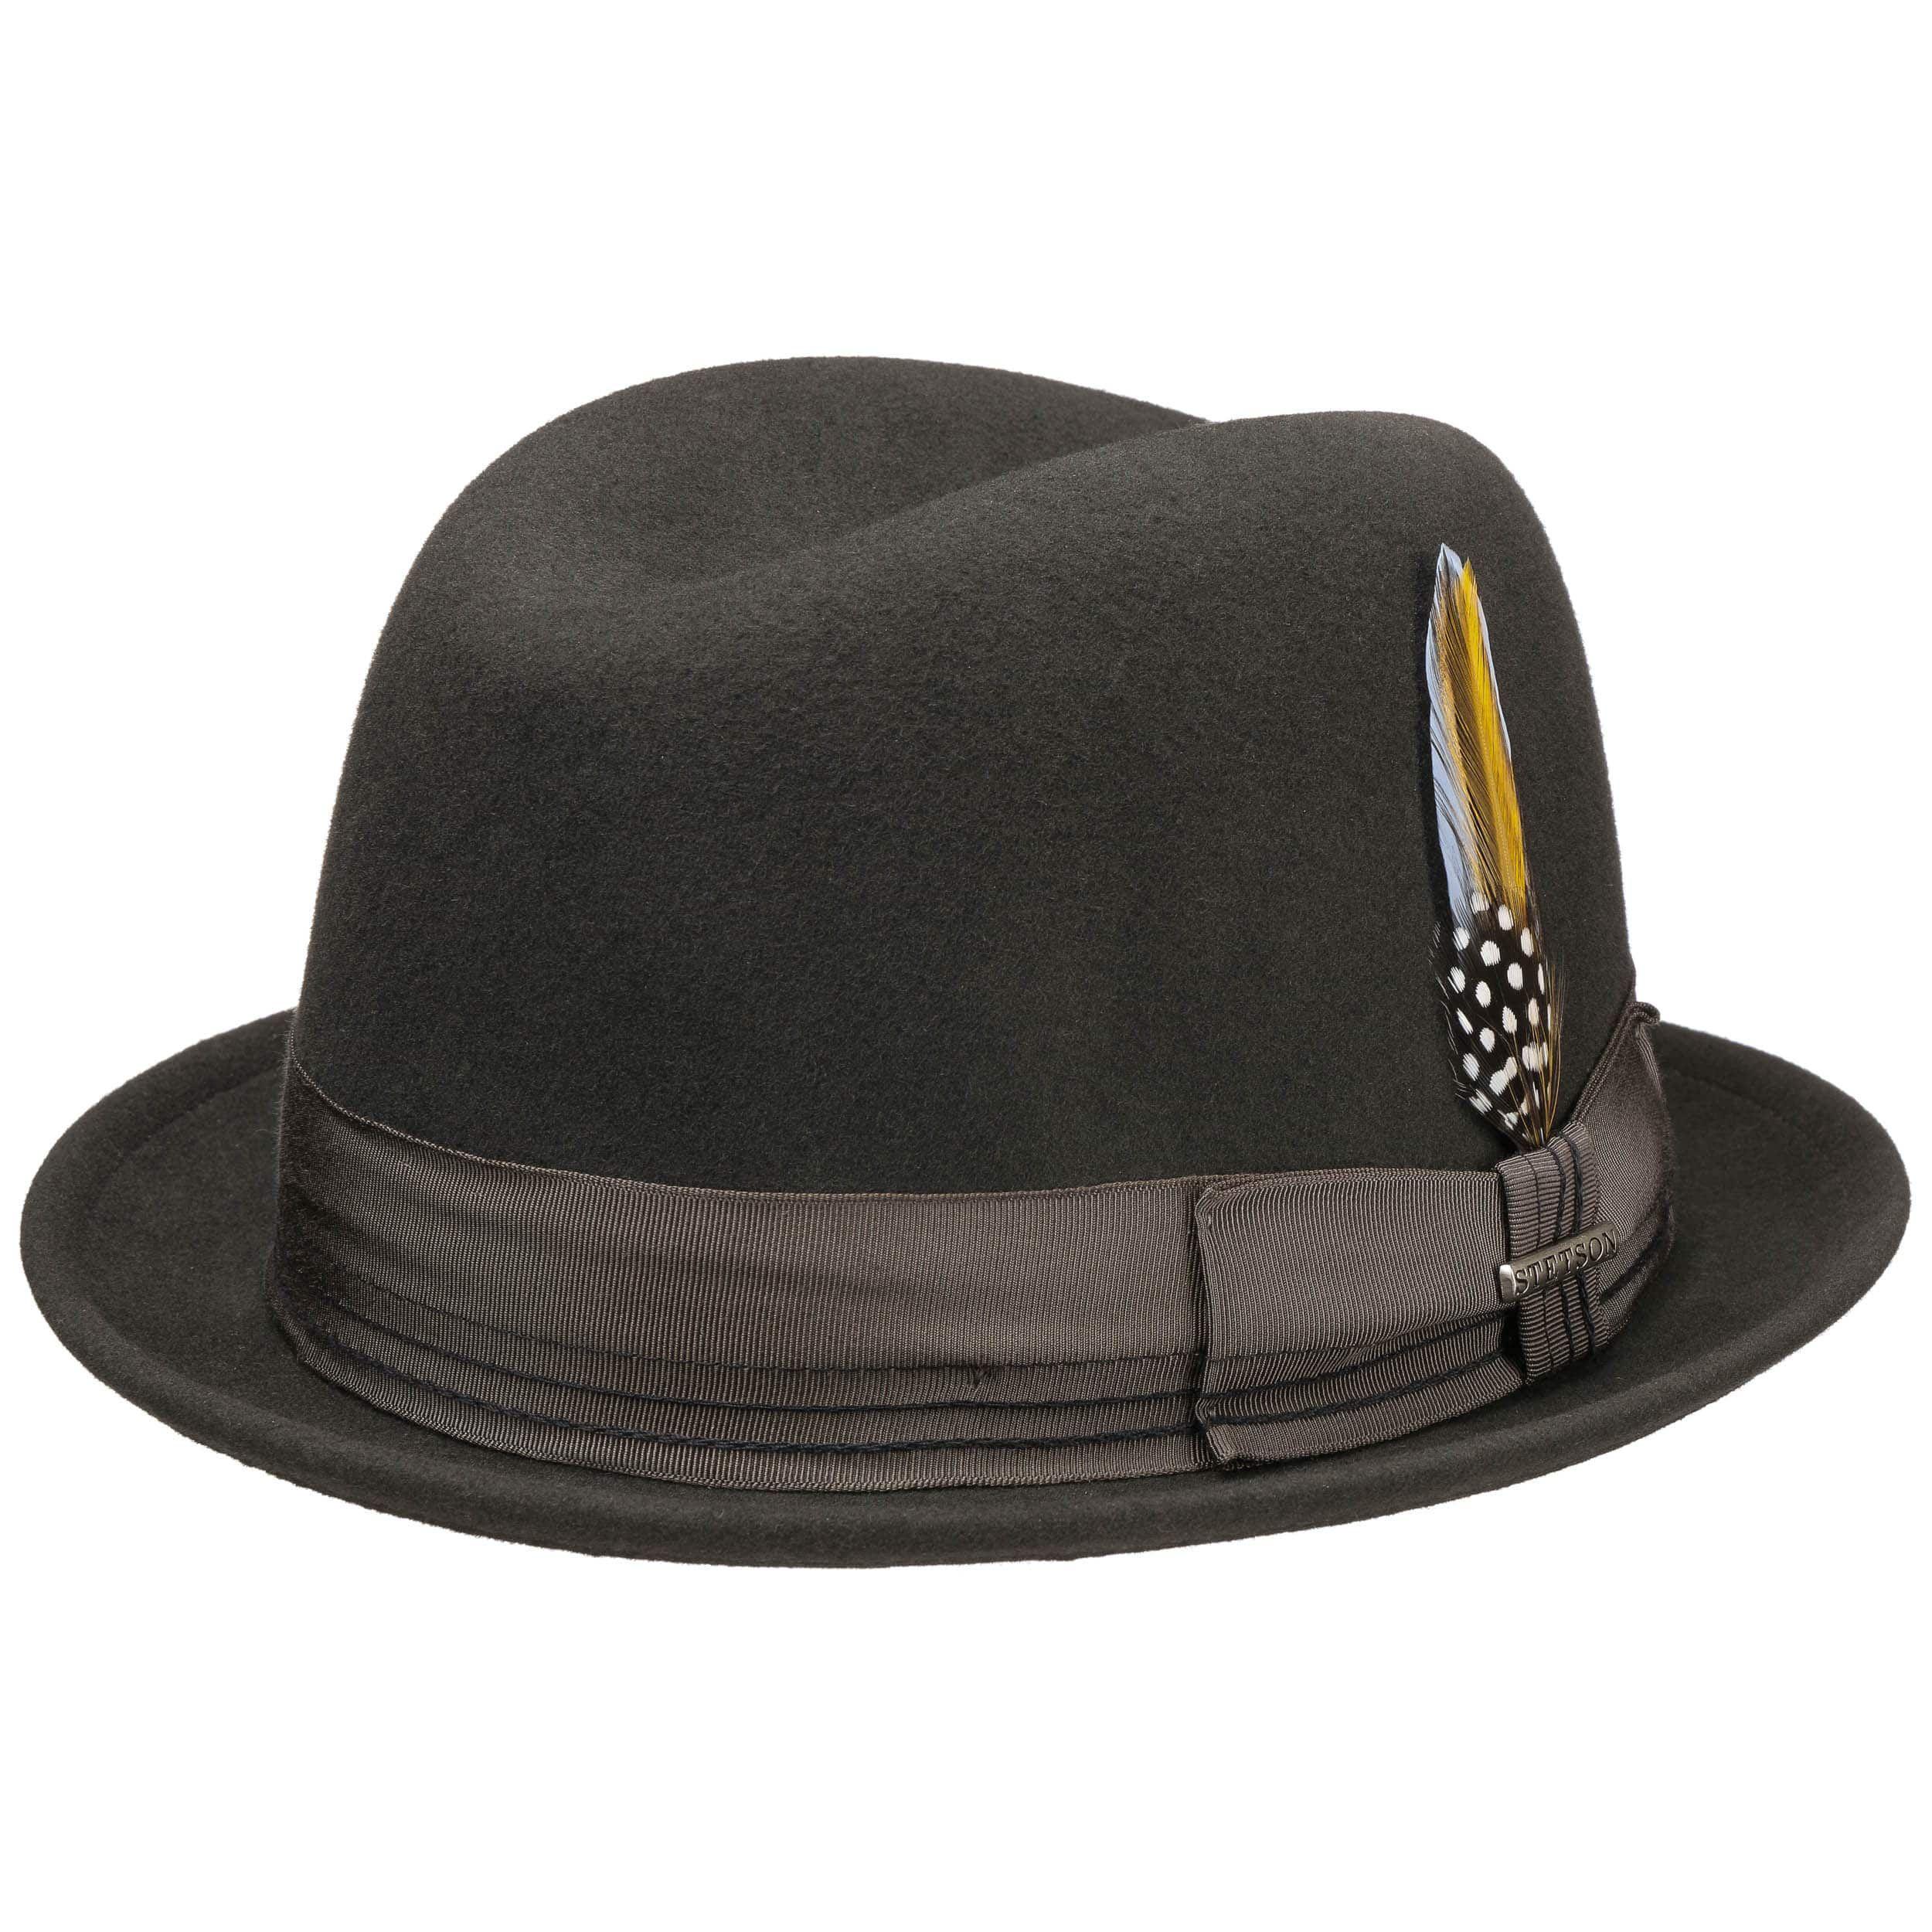 Vienna VitaFelt Hat grey